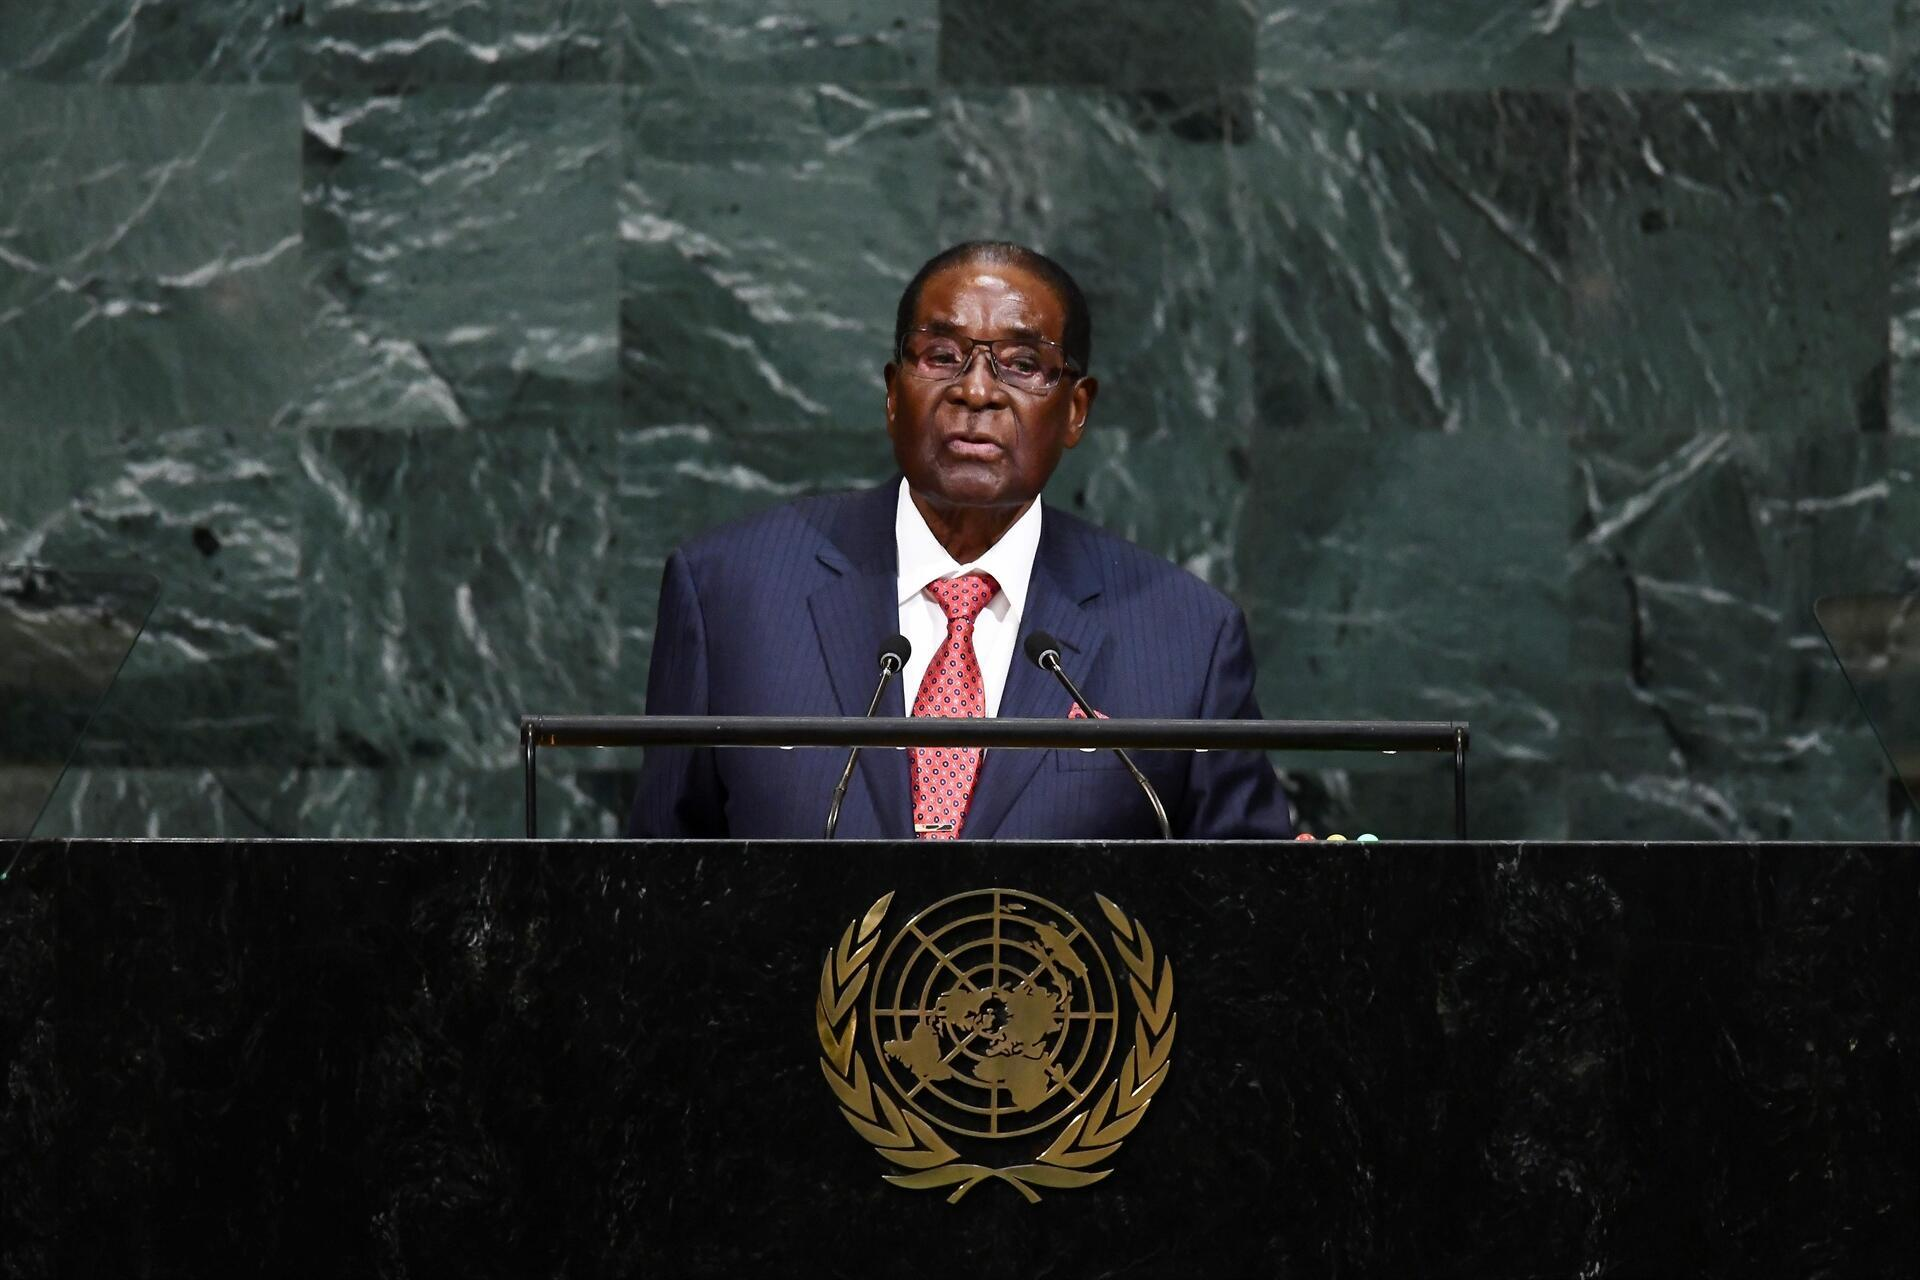 Genç kızı dövdüğü iddia edilen eski Zimbabwe First Ladysi için tutuklama kararı 74